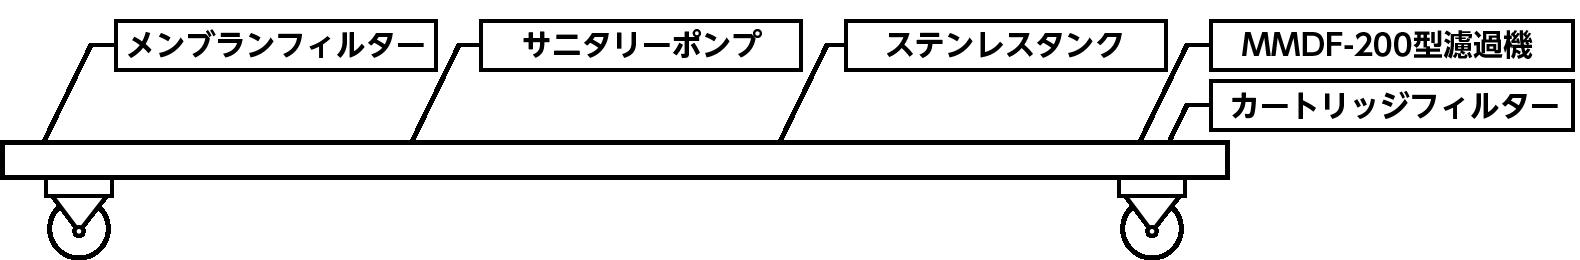 unitfilter-pic